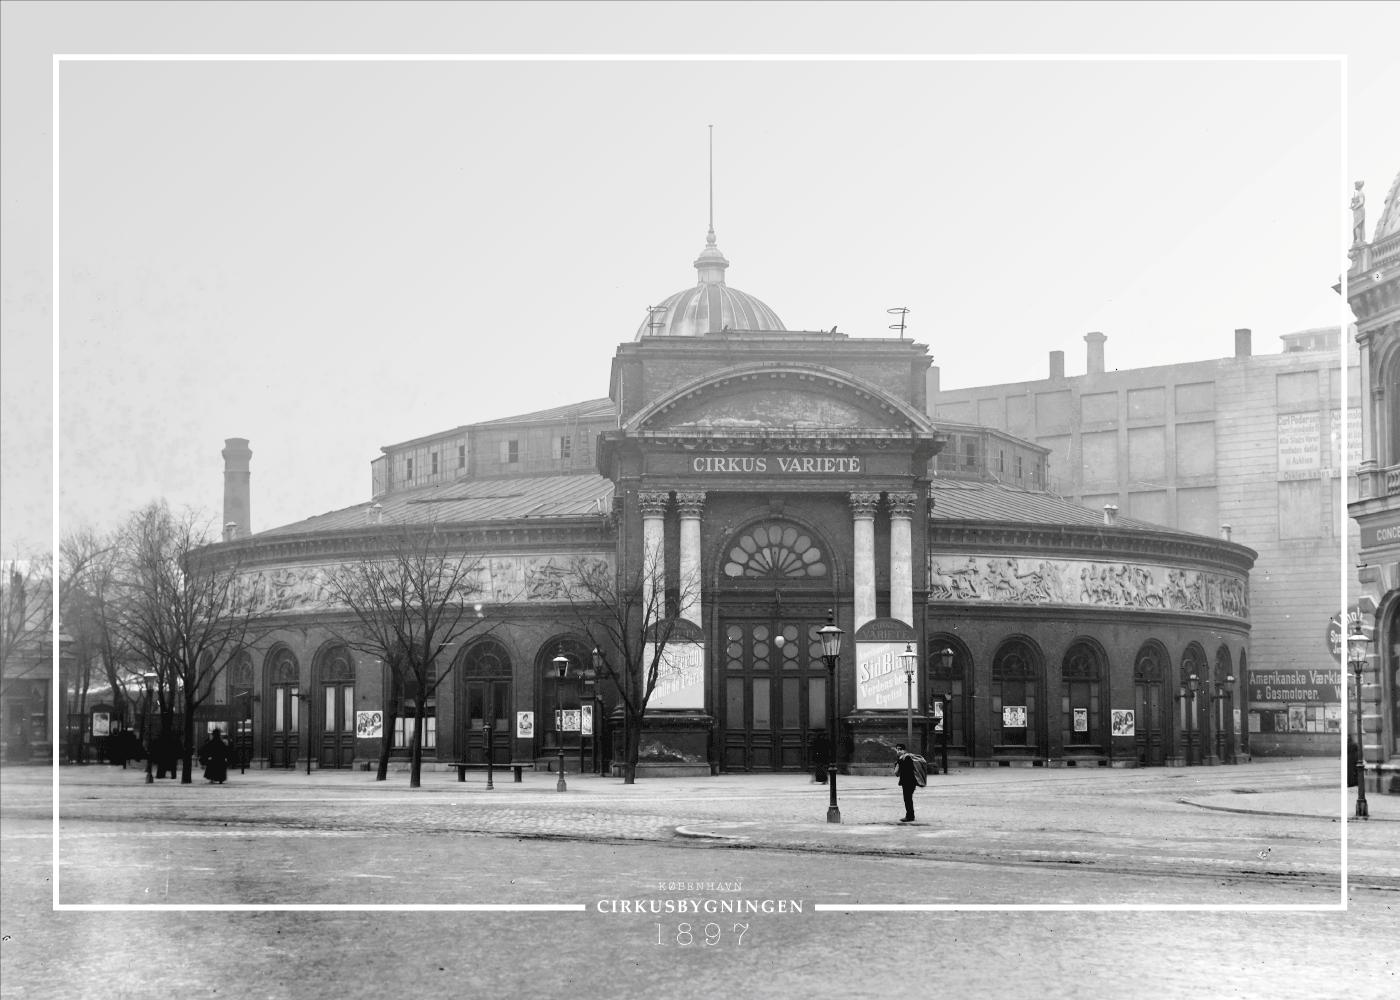 Billede af Cirkusbygningen - Gamle billeder af København plakat